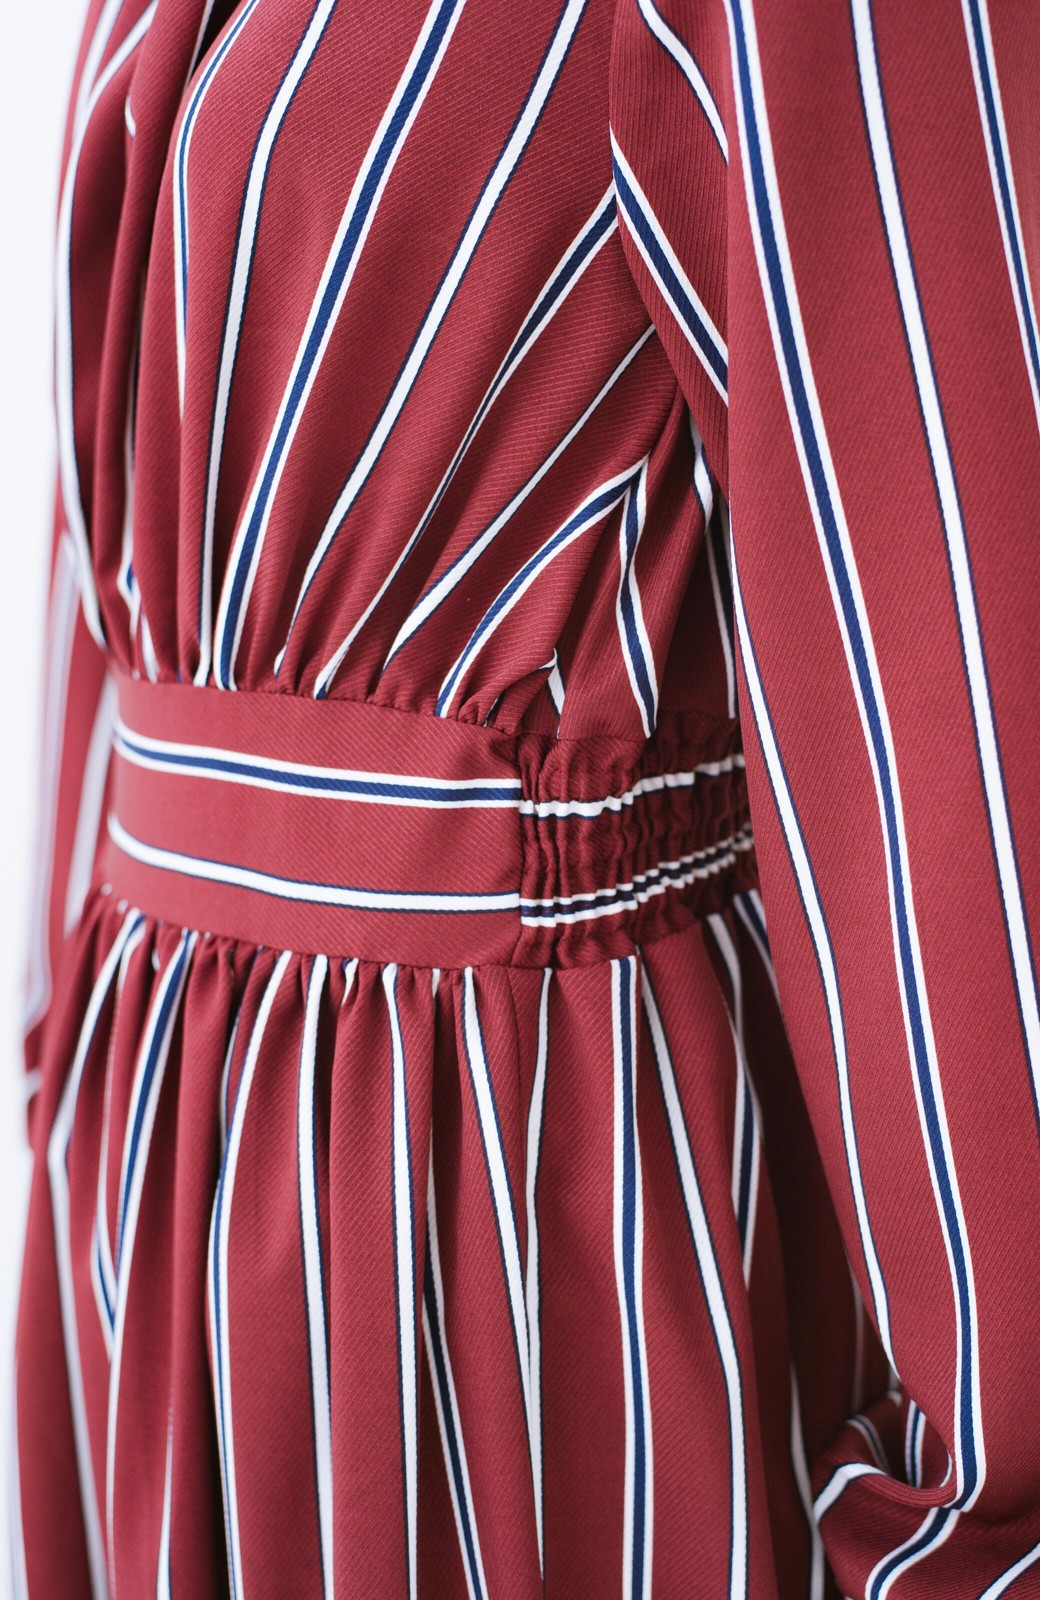 haco! 着るだけでテンション上げられる レジメンタルストライプのハイネックワンピース <ワインレッド>の商品写真7